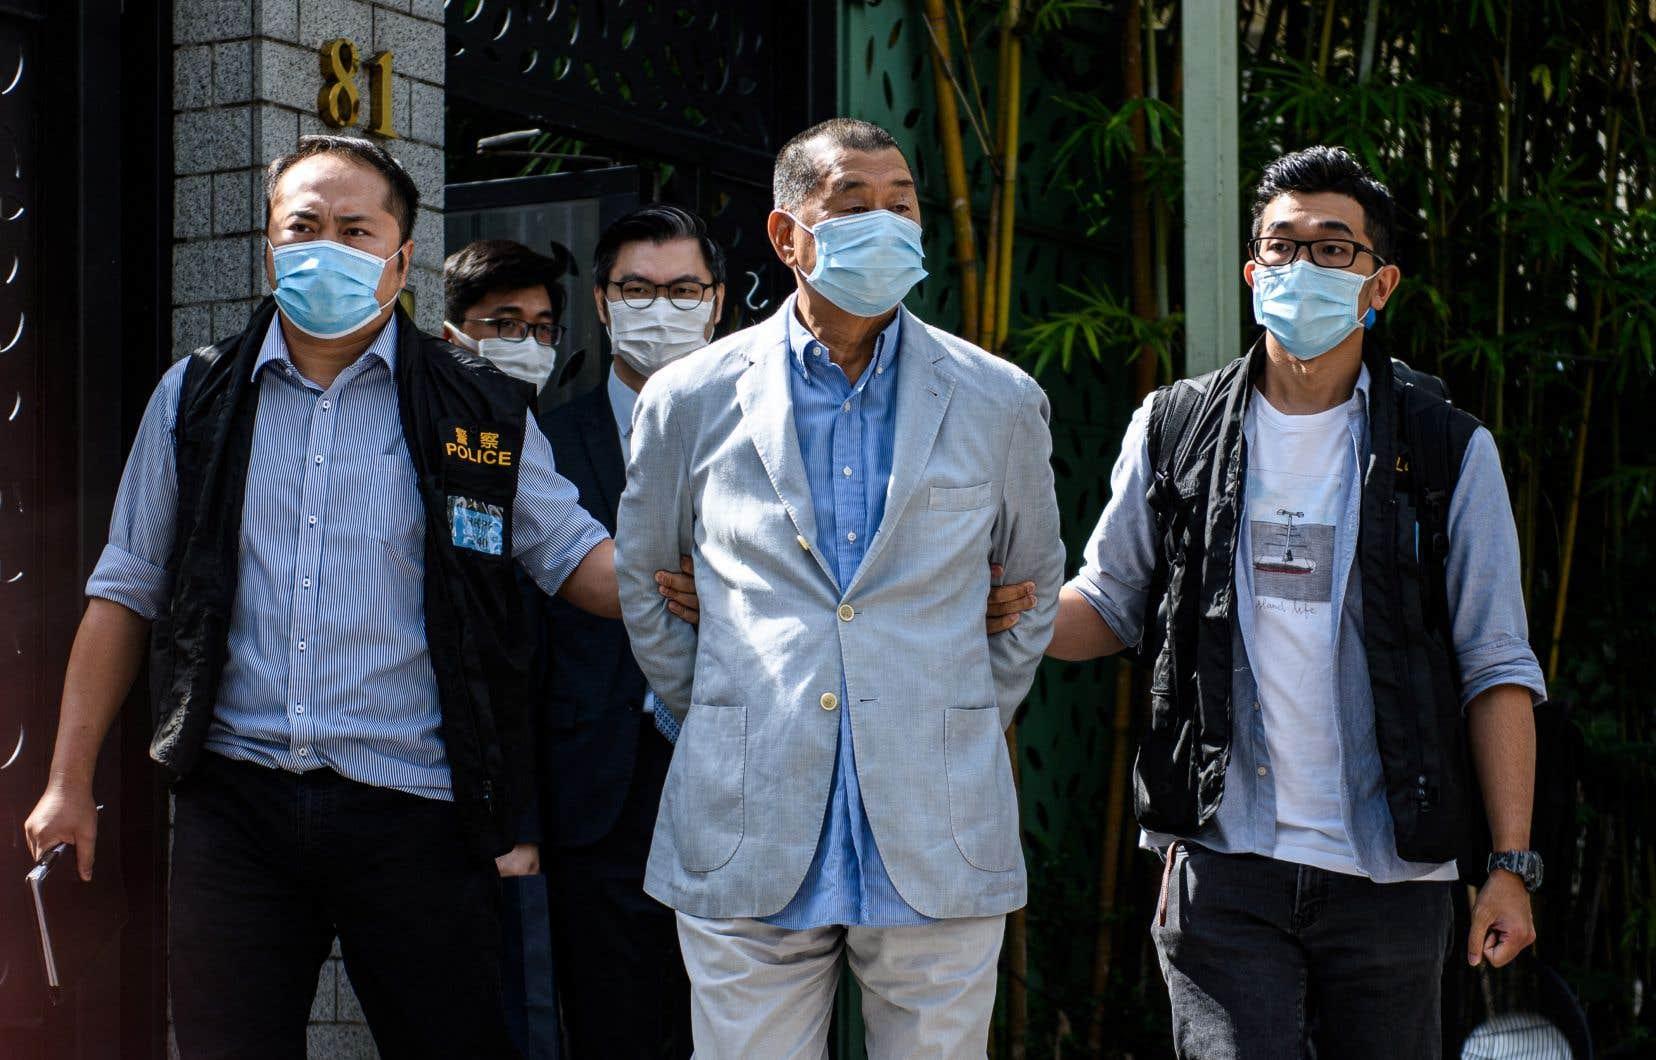 Jimmy Lai a été condamné à la prison en avril dernier pour avoir organisé des manifestations prodémocratie.